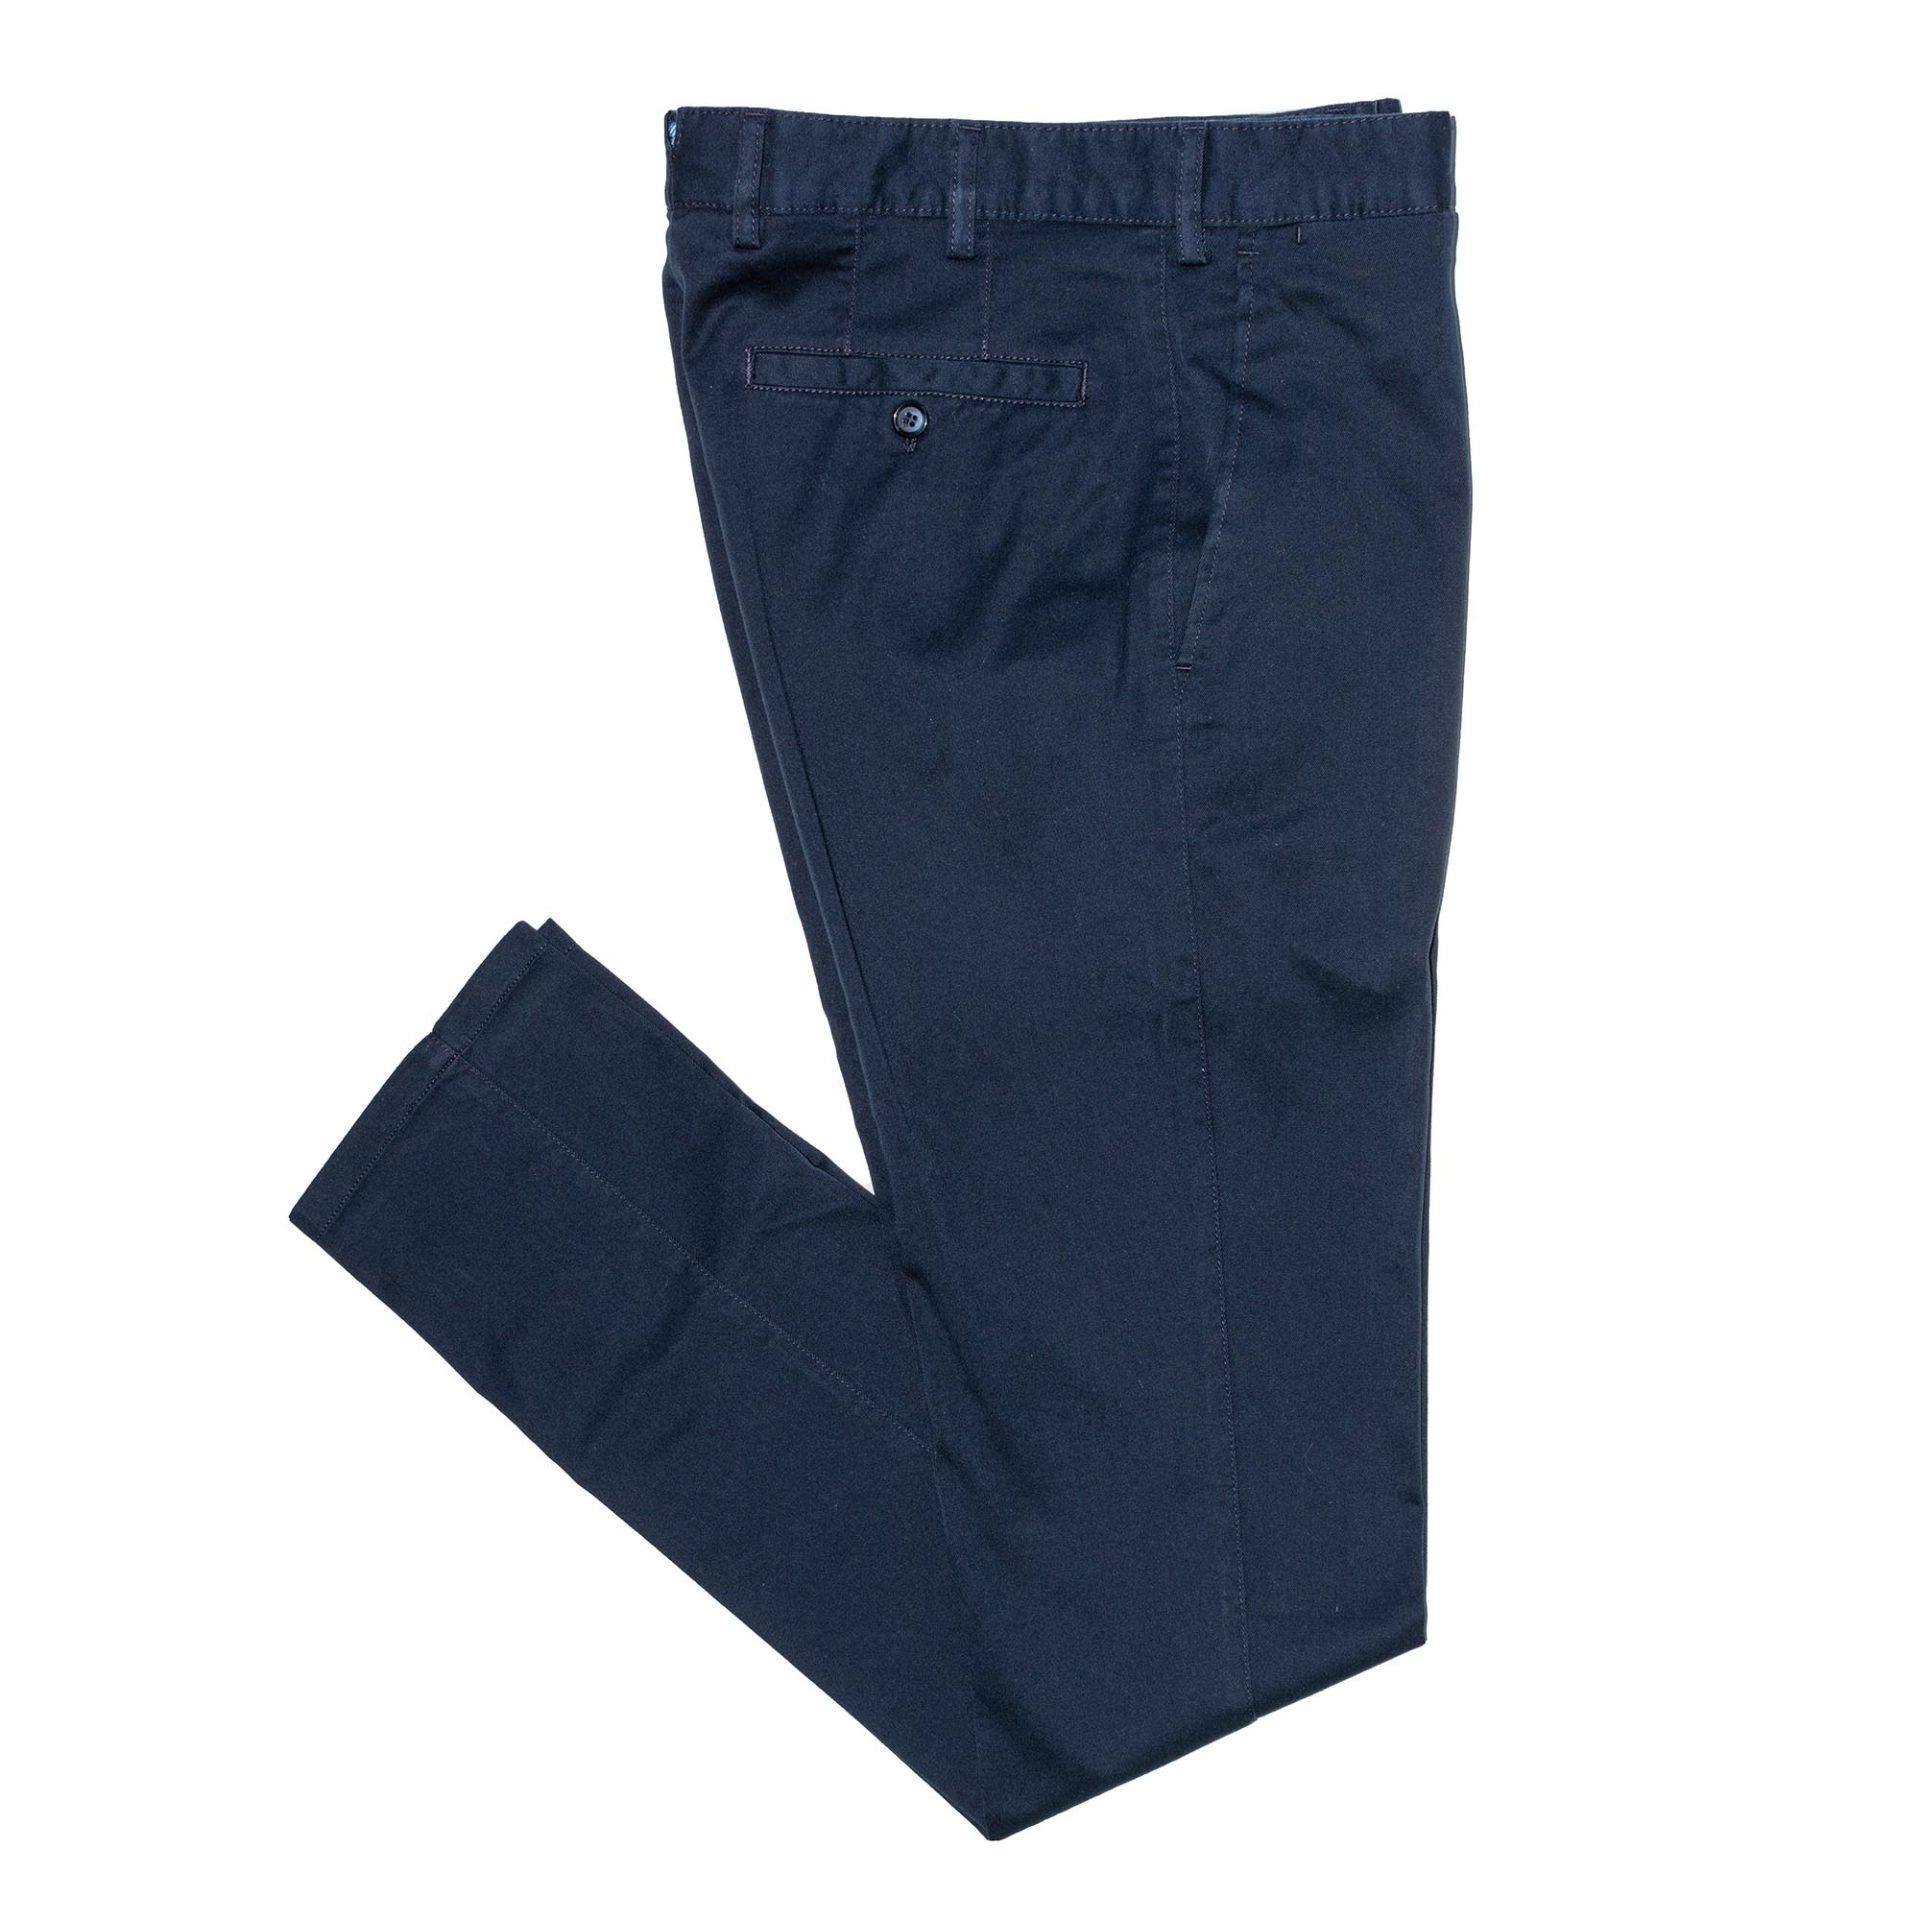 JAGGS-chino-pret-a-porter-essentiels-bleu-marine-slim